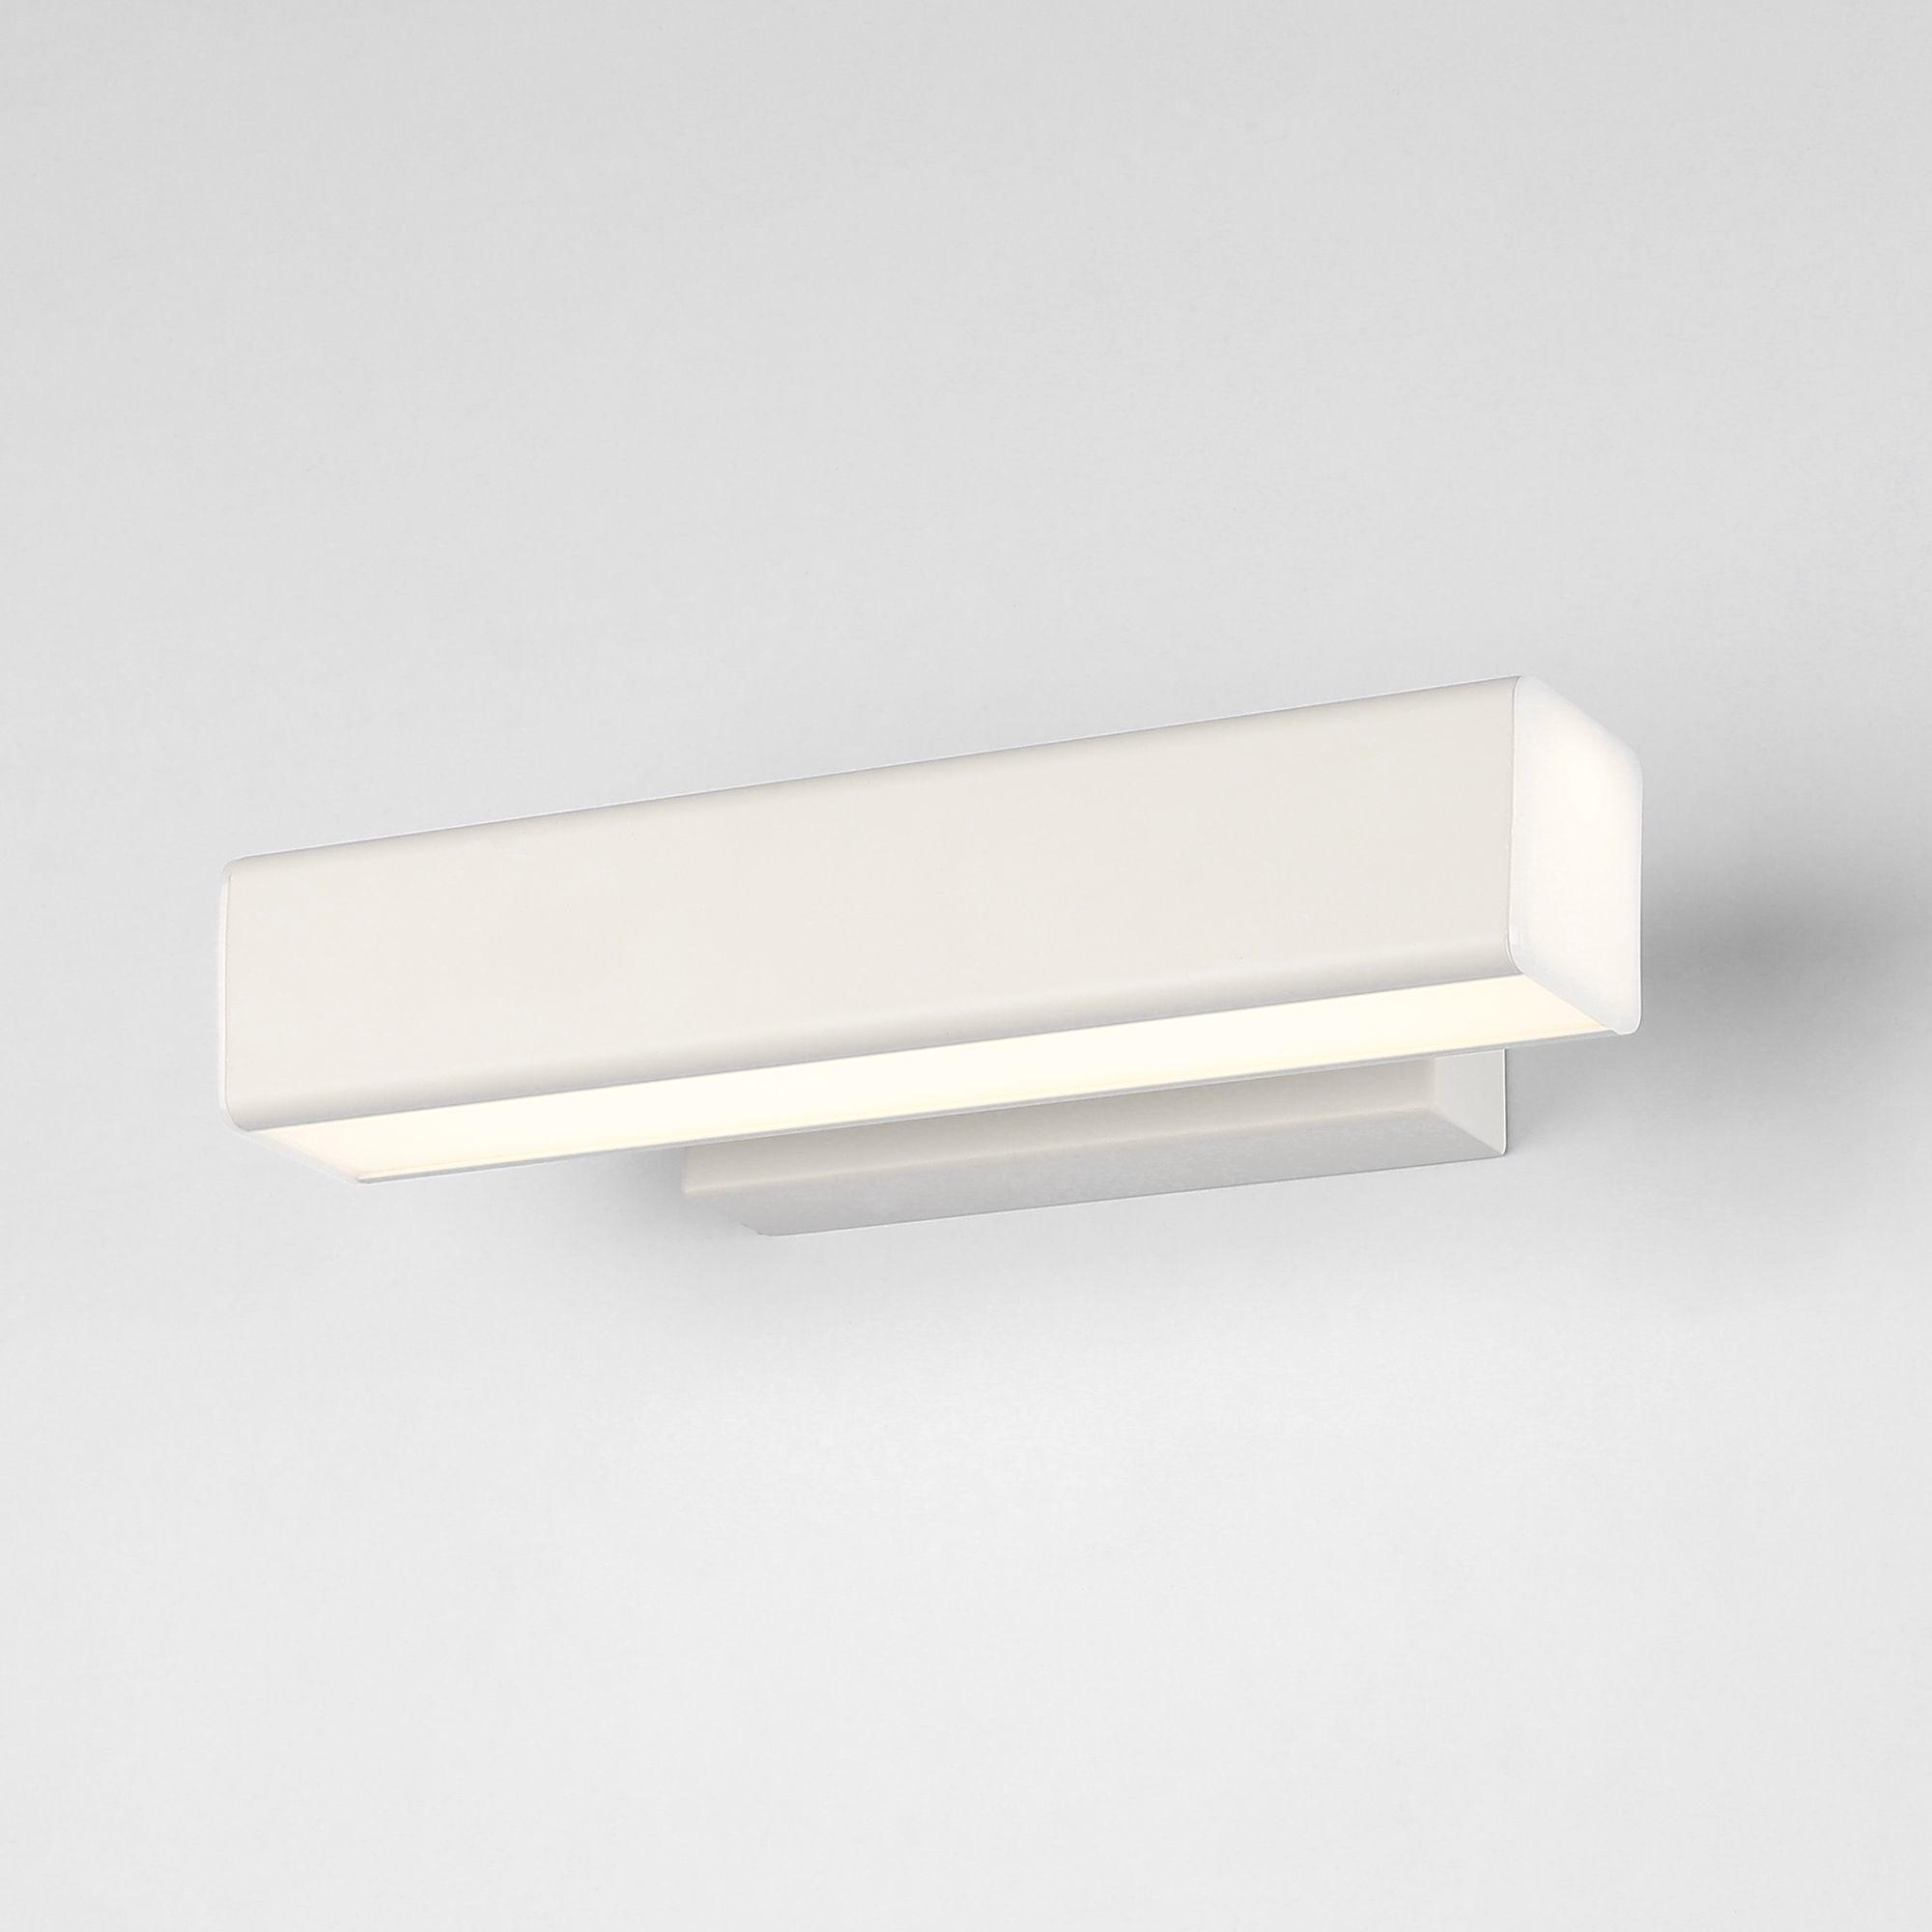 Настенный светодиодный светильник Kessi LED белый (MRL LED 1007)